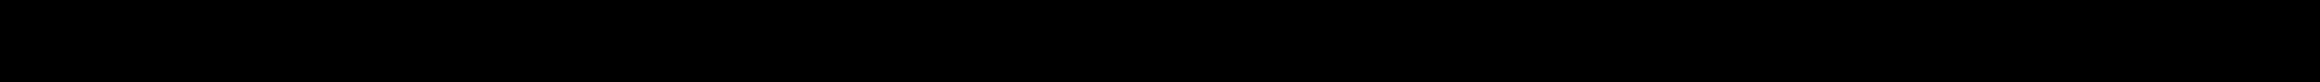 MANN-FILTER SMD 360935, 471Q-1012950C, BYD483QA-1017010, VA30A4000103, VA30A4000105 Ölfilter